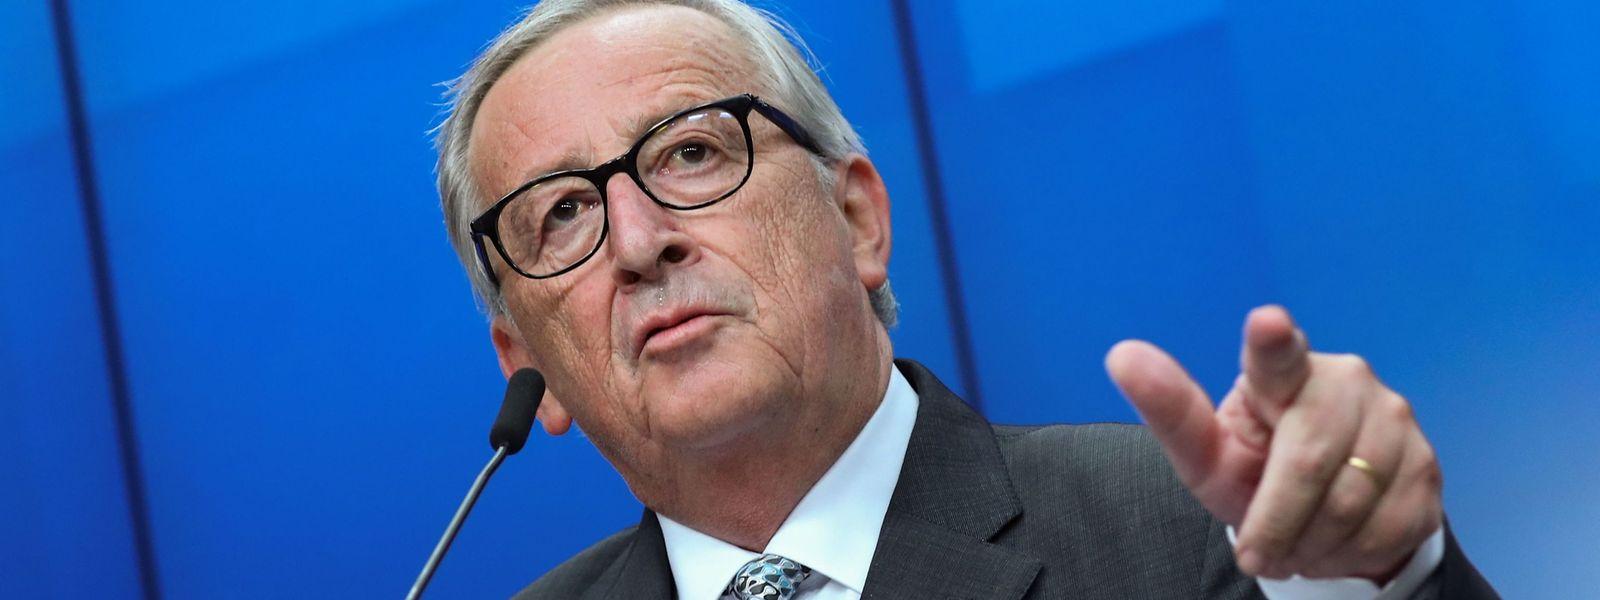 EU-Kommissionspräsident Jean-Claude Juncker hofft auf rasche Erklärungen aus London.